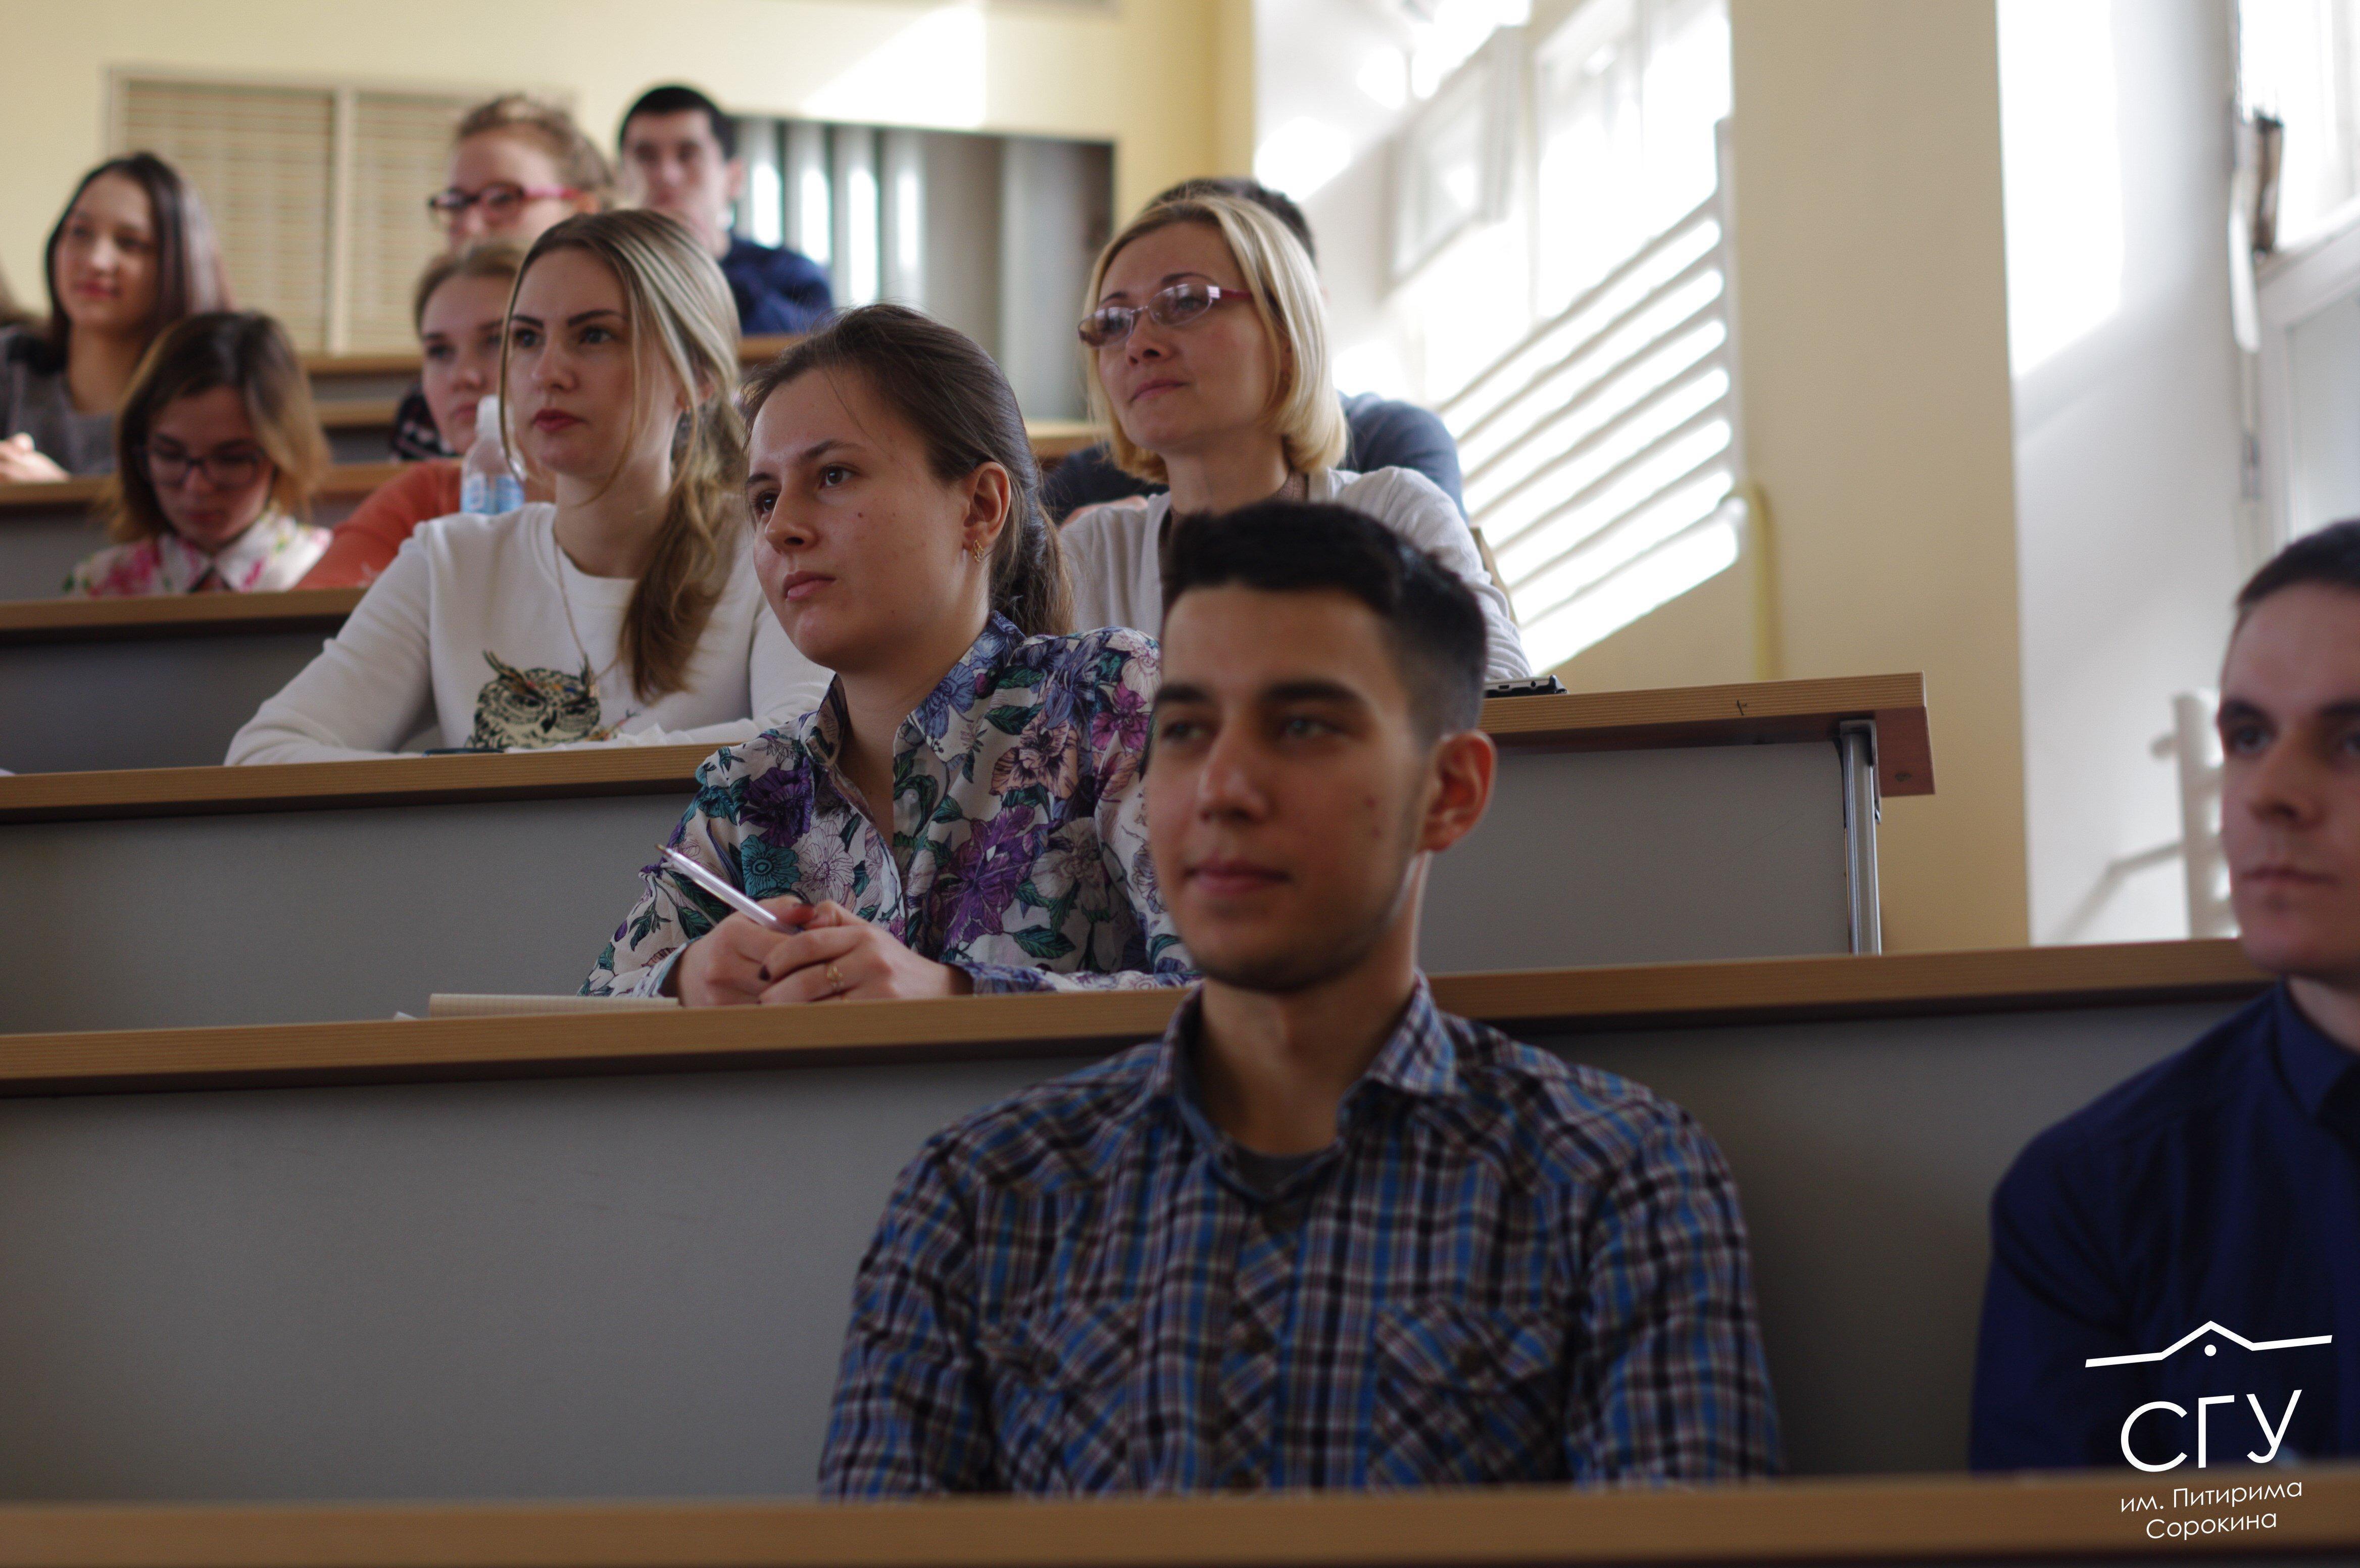 Студенты СГУ им Питирима Сорокина пообщались с министром труда  Для нашего направления это очень актуально мы ориентируемся какие курсовые и дипломные работы писать на какие практики направлять студентов и на какие